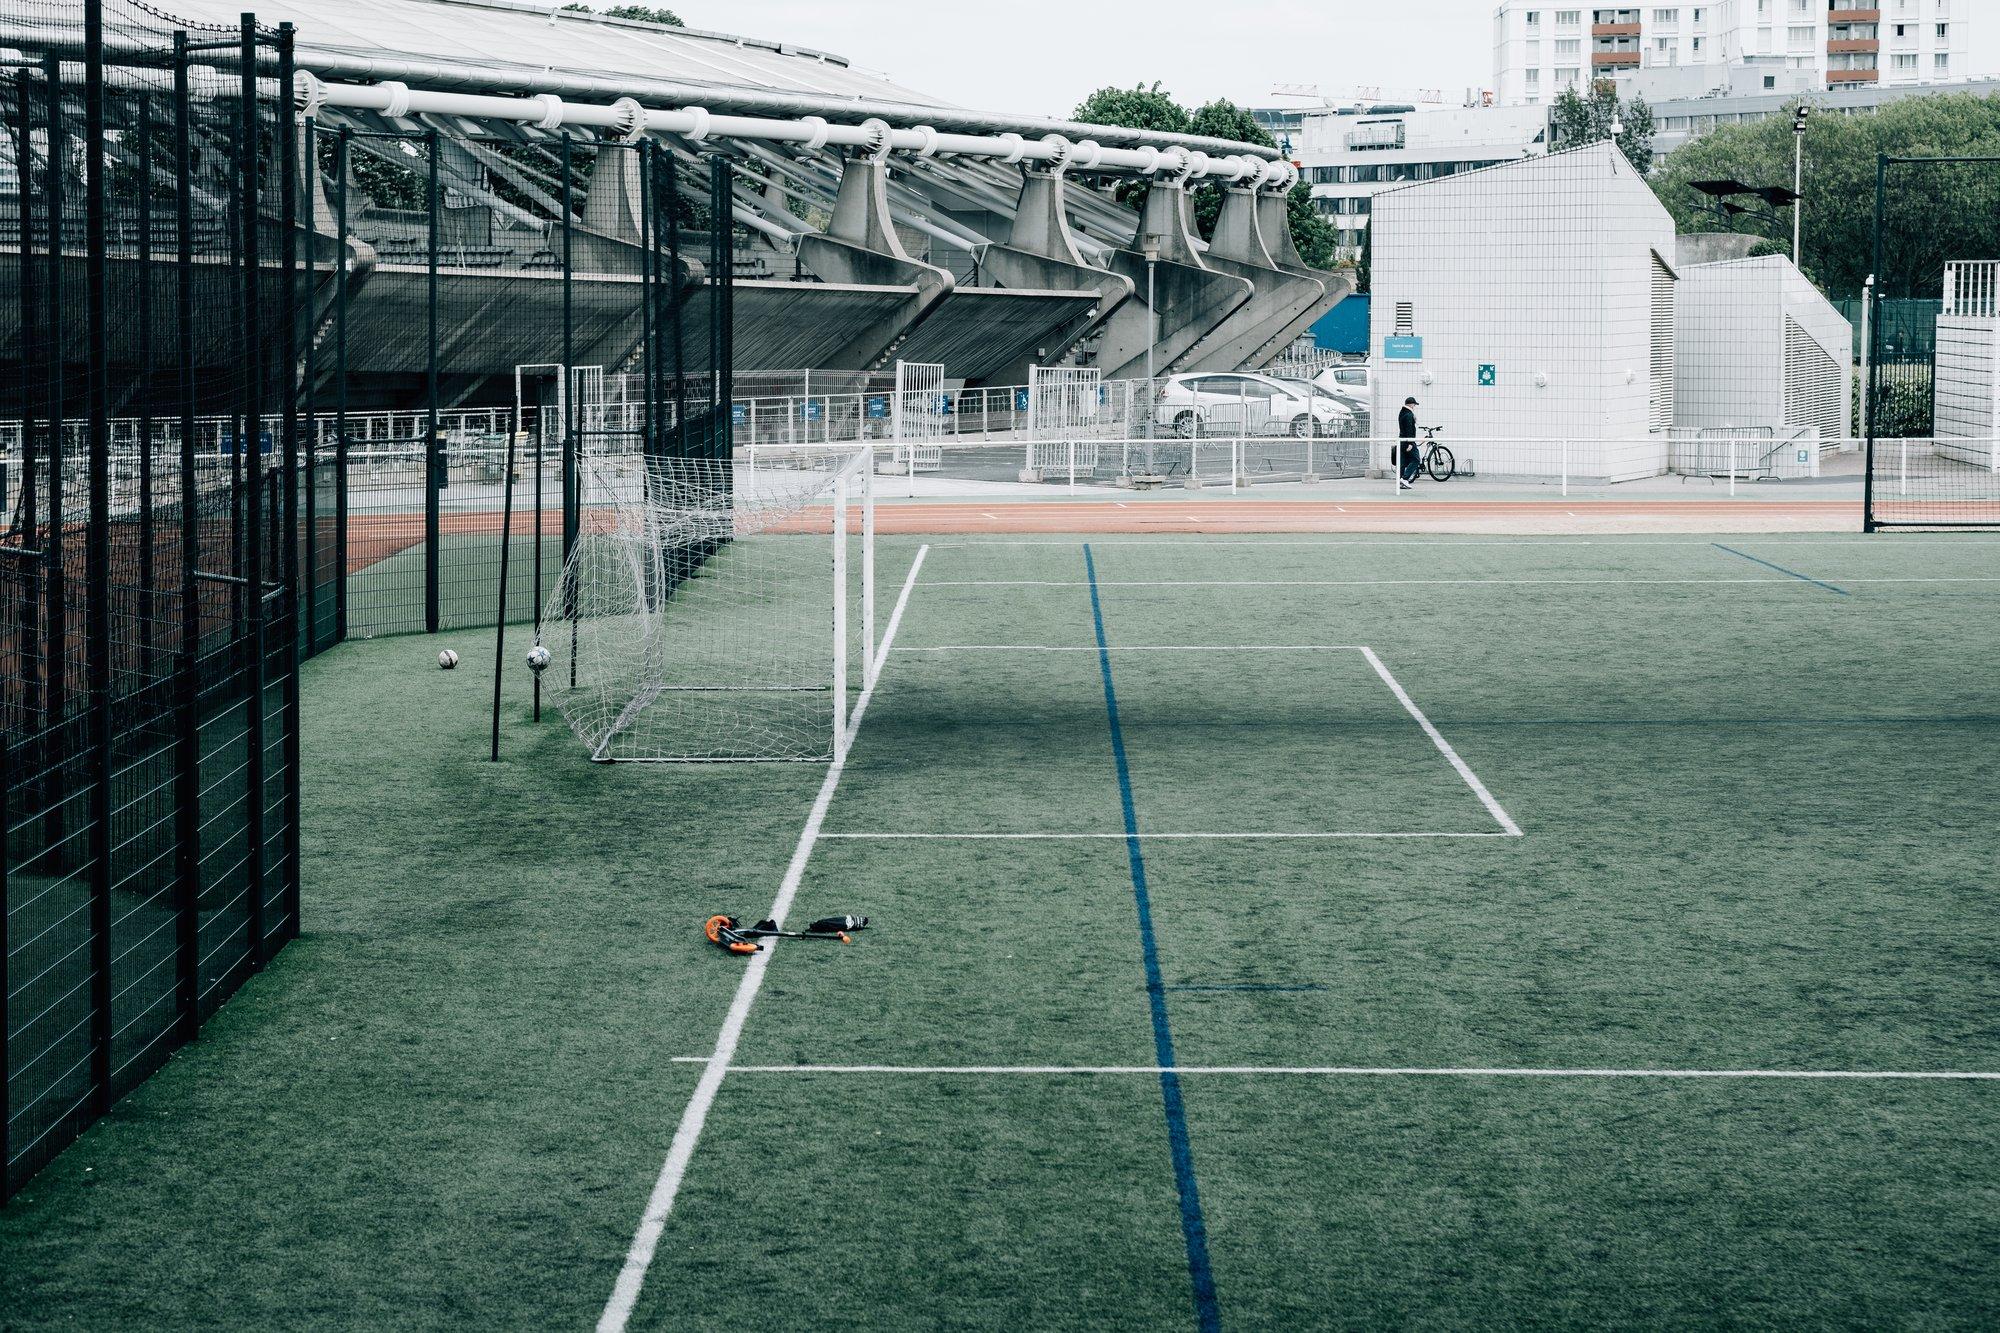 empty net on a green sports field in the city 城市绿色运动场上的空网